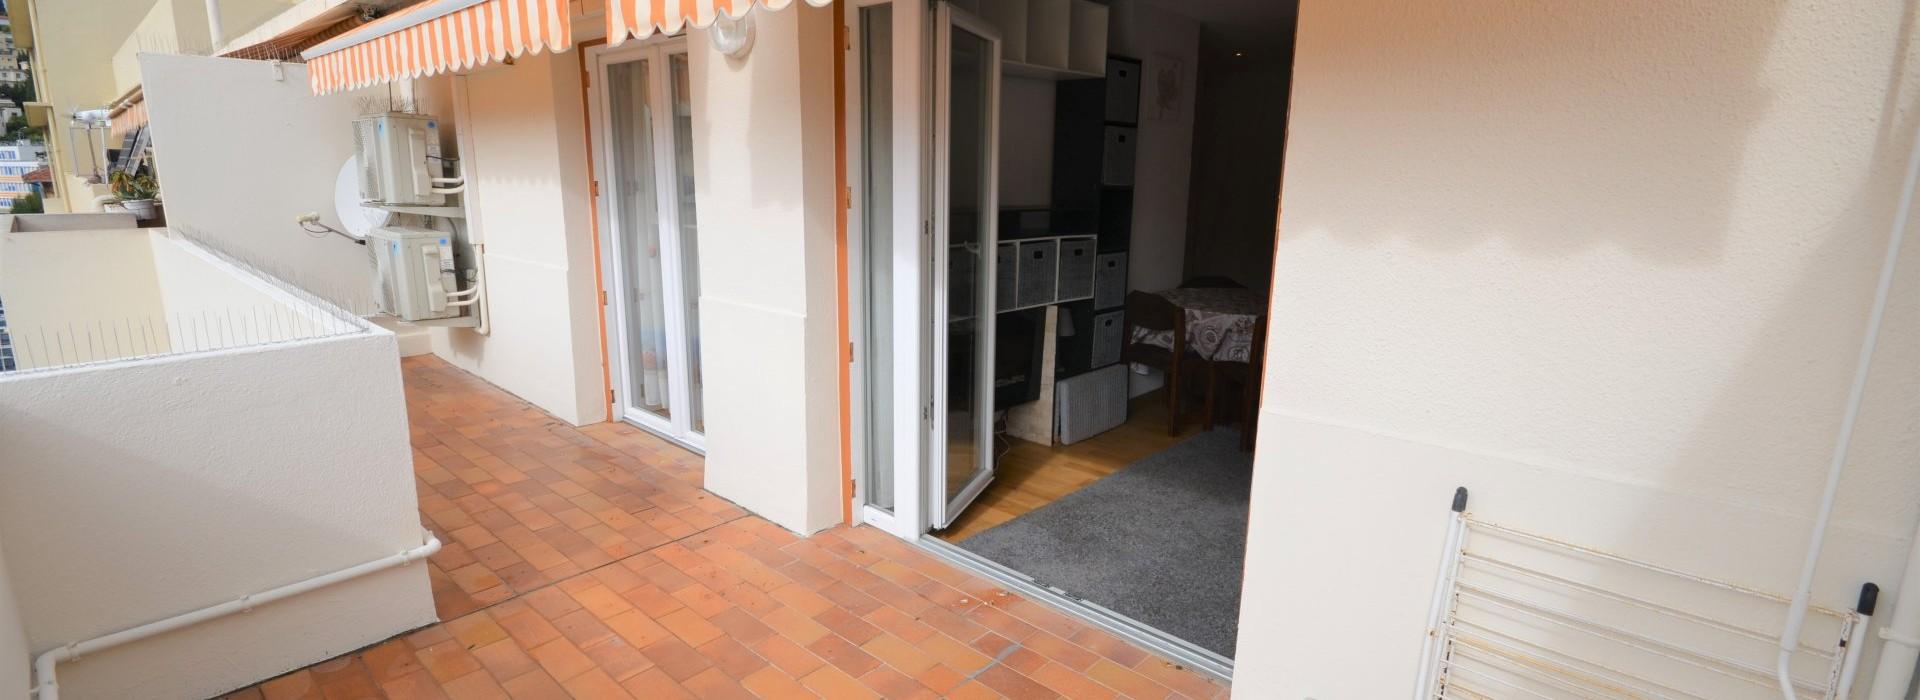 Appartement Nice 3 Pièces 43m2 143,500€